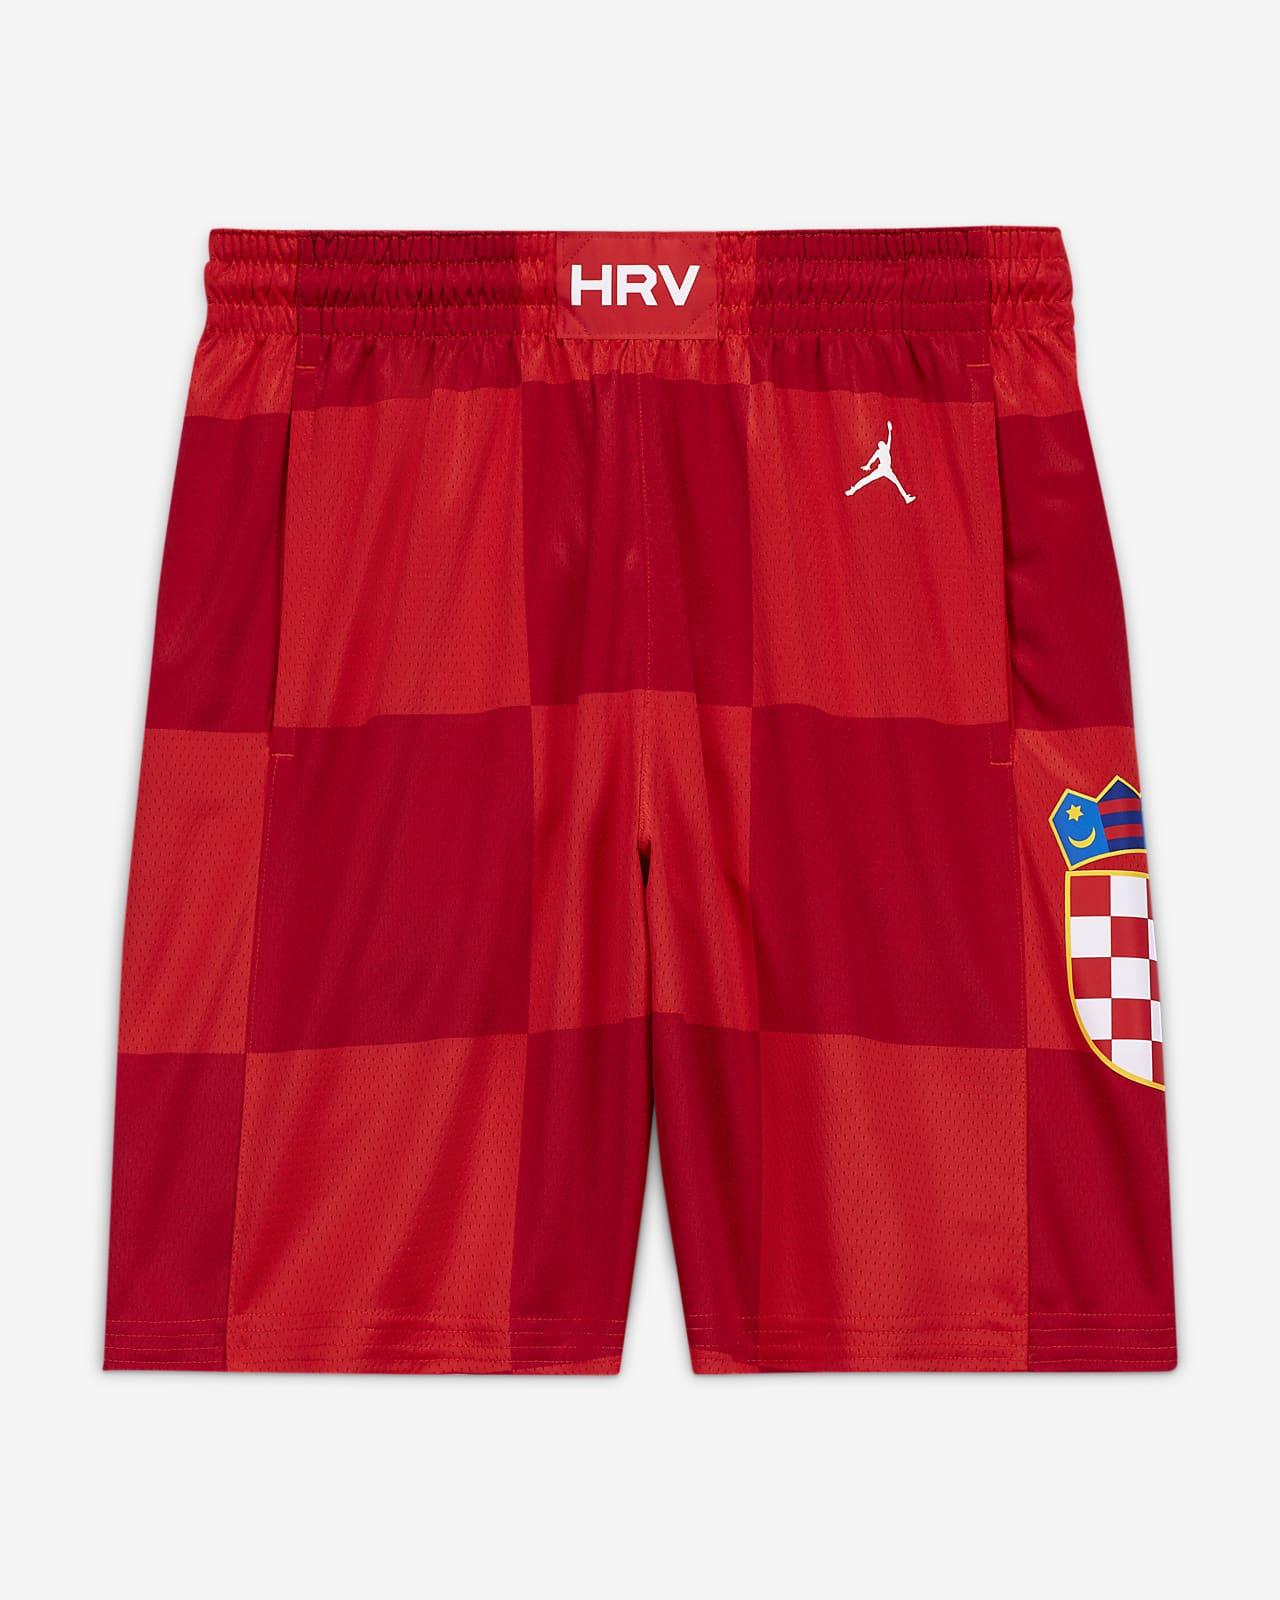 Męskie spodenki do koszykówki Chorwacja Jordan (Road) Limited